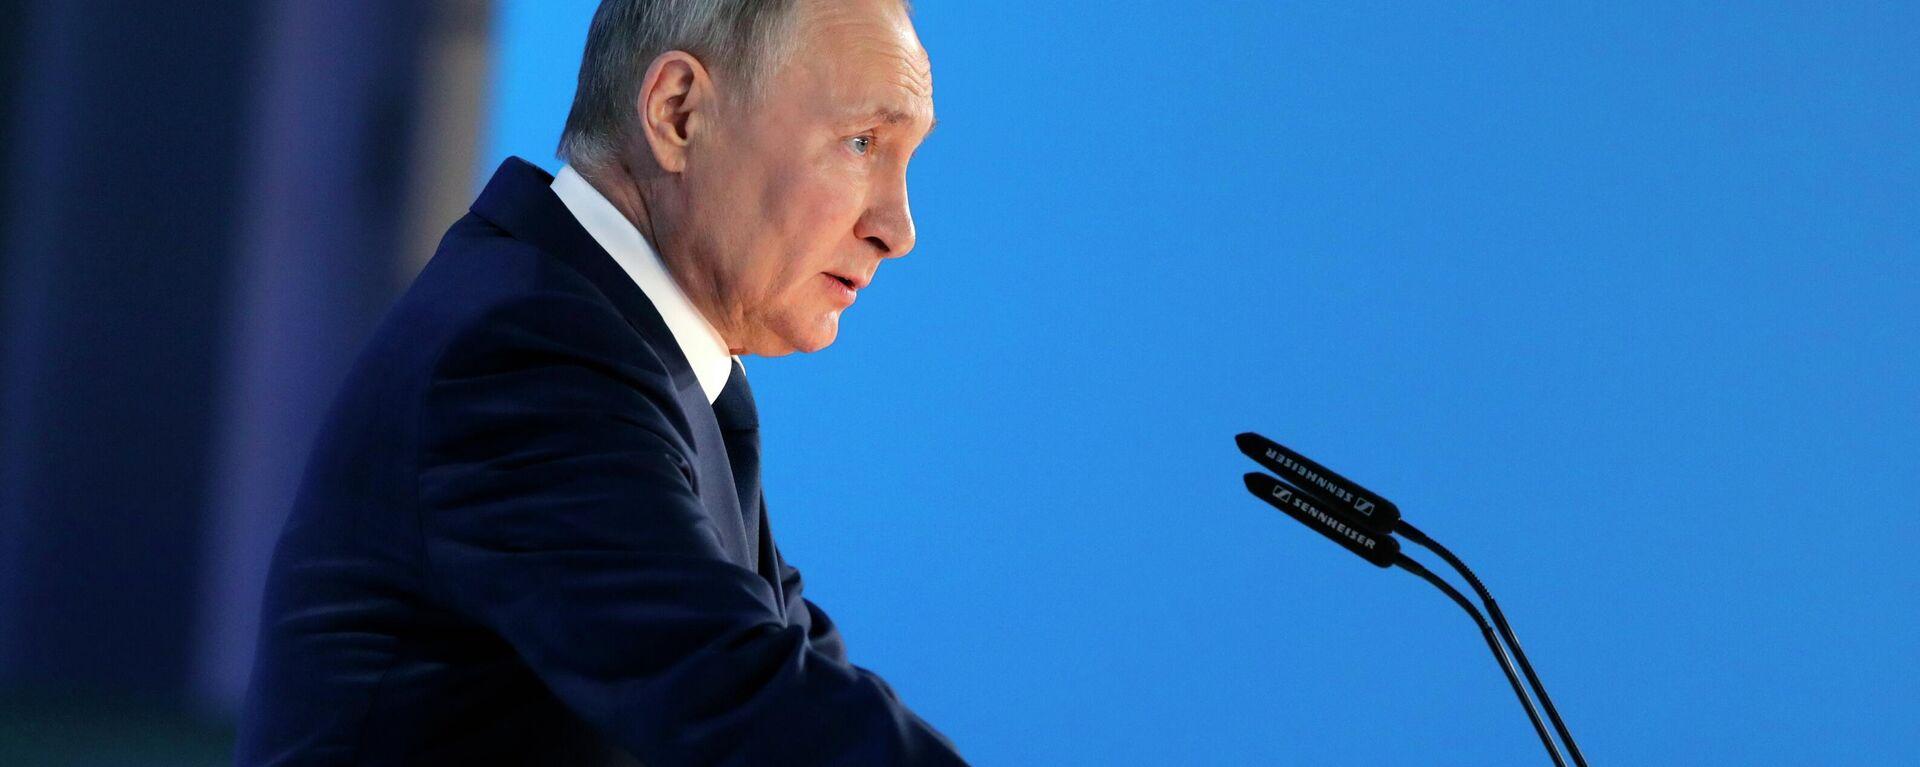 Ежегодное послание президента РФ Федеральному Собранию - Sputnik Таджикистан, 1920, 12.06.2021